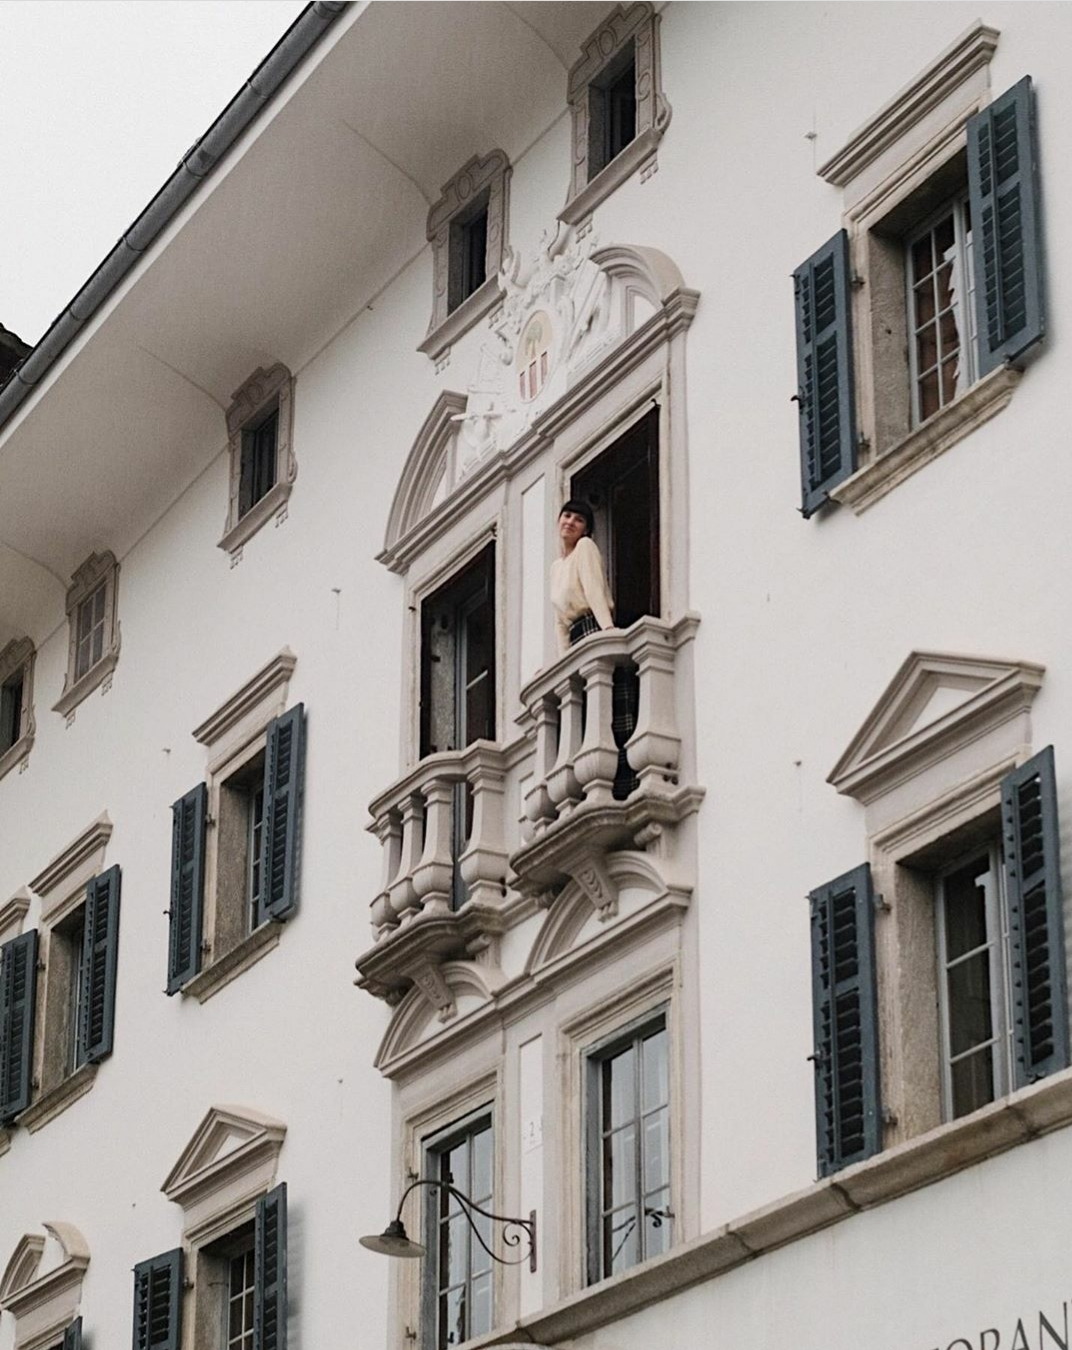 La luna de miel de Amy Merrick comienza en un hotelito de montaña perdido en los Alpes, eso sí, con mucha historia. Foto: @amy_merrick